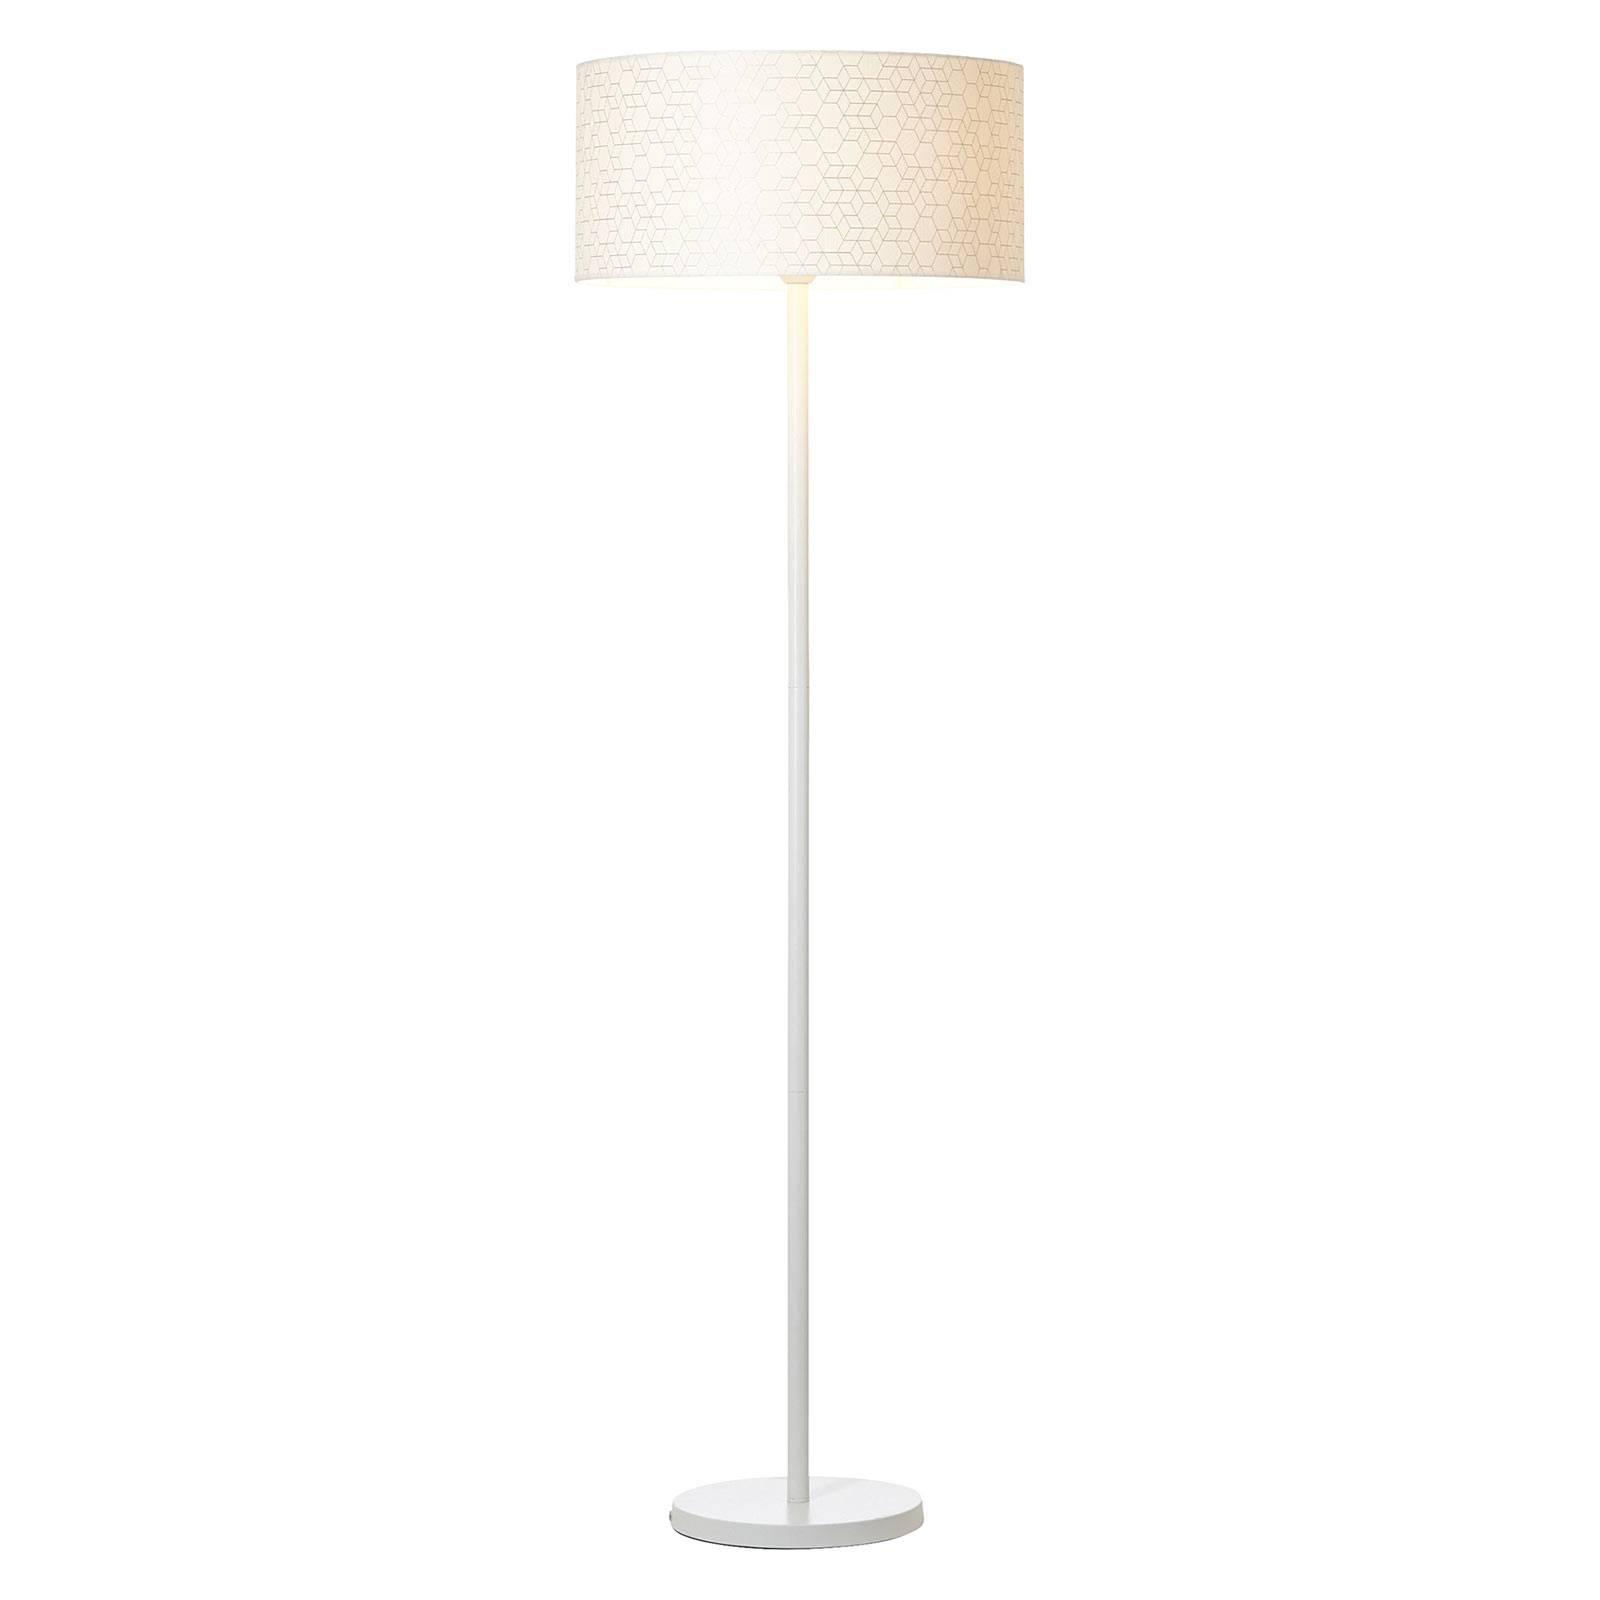 Lampadaire Galance, blanc avec pied en métal